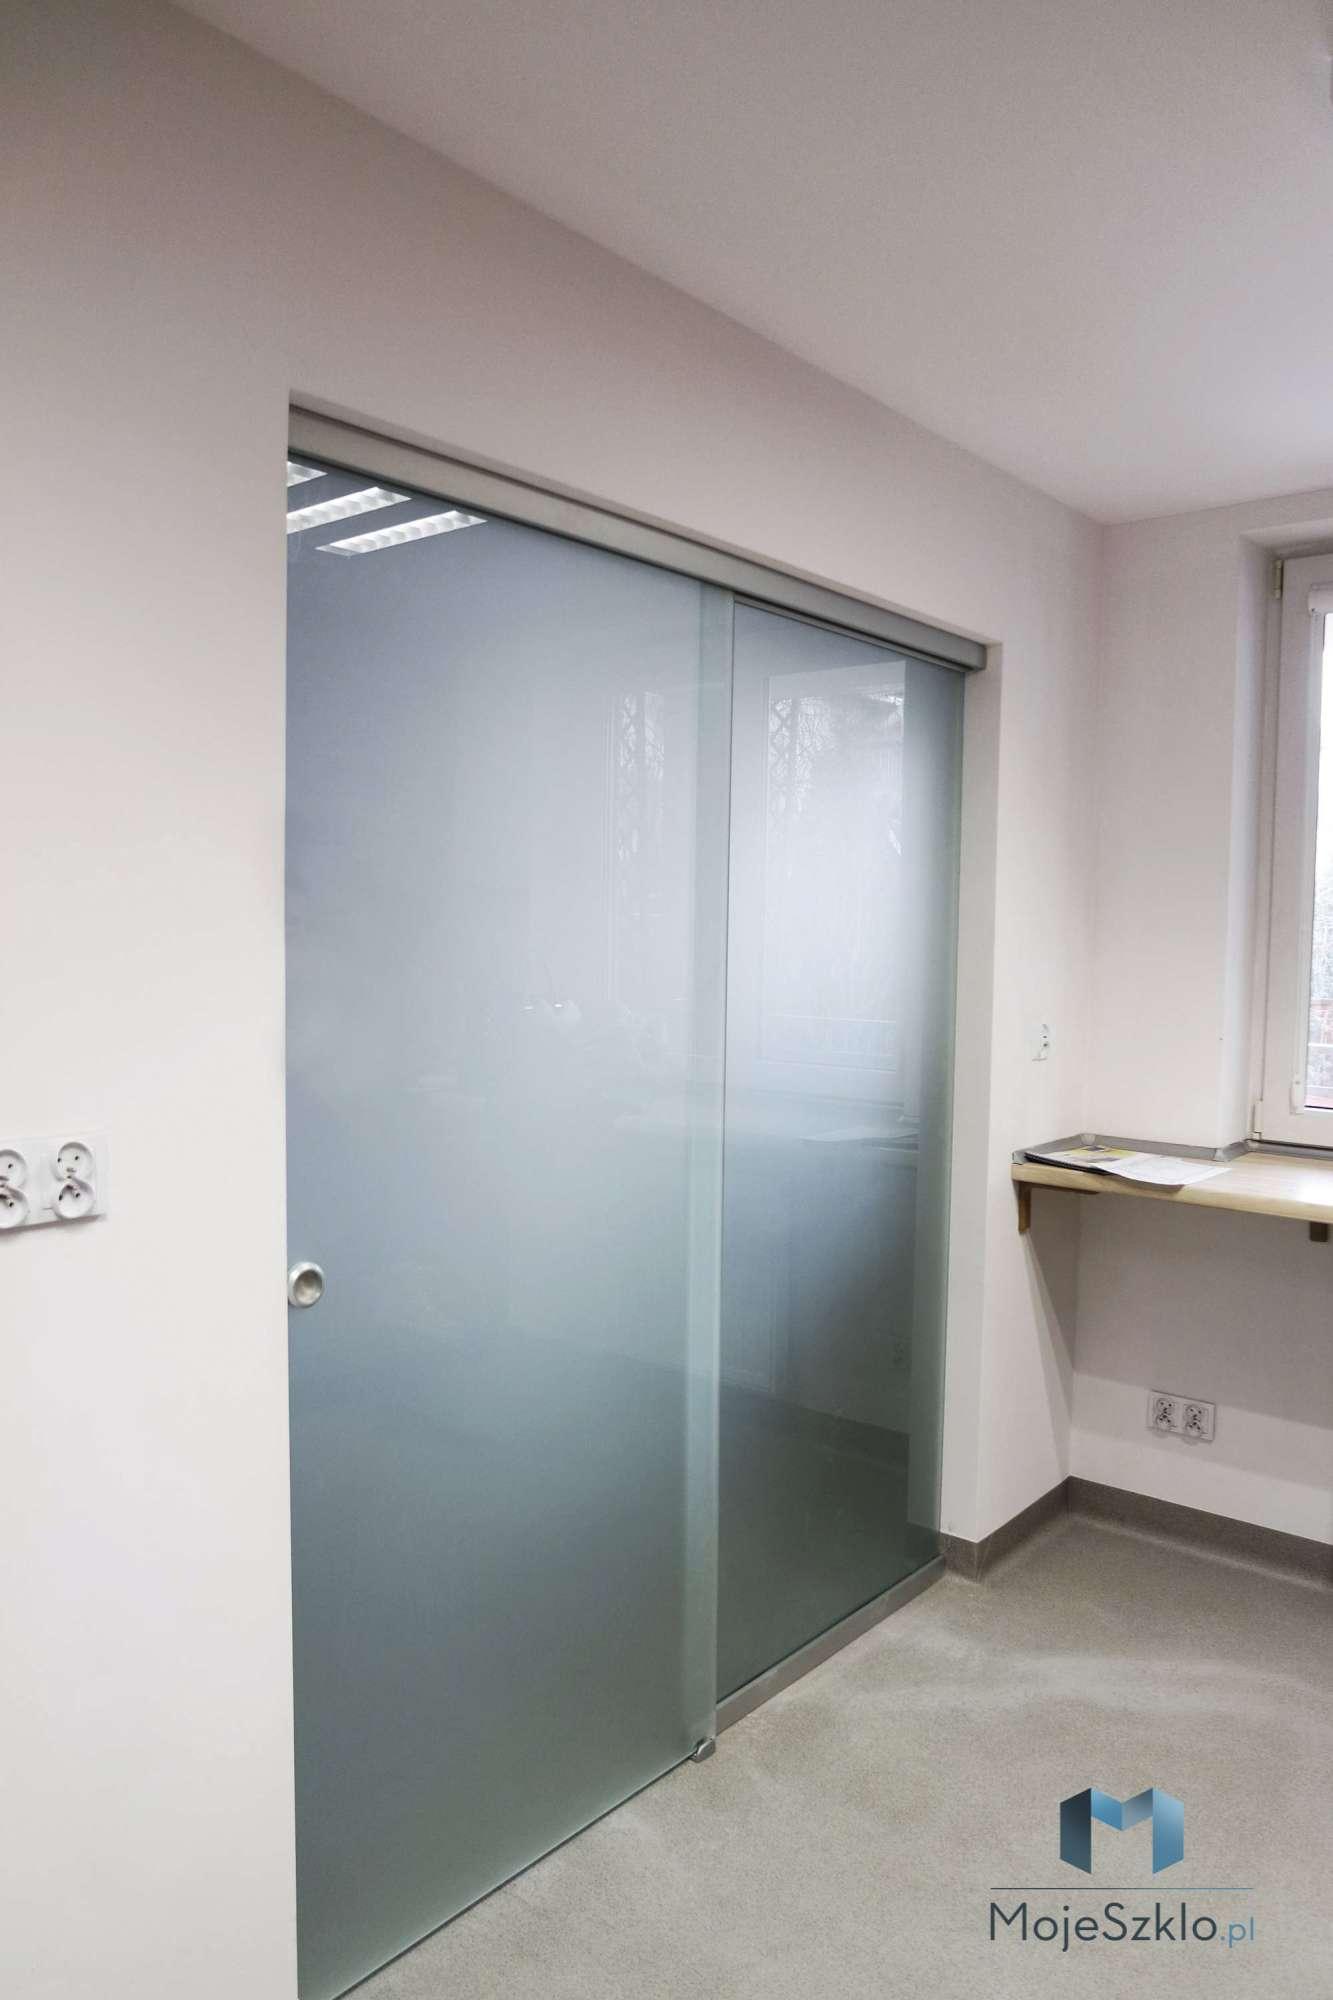 Drzwi Przesuwne Z Elementem Stalym - Drzwi przesuwne. Szklane drzwi na wymiar